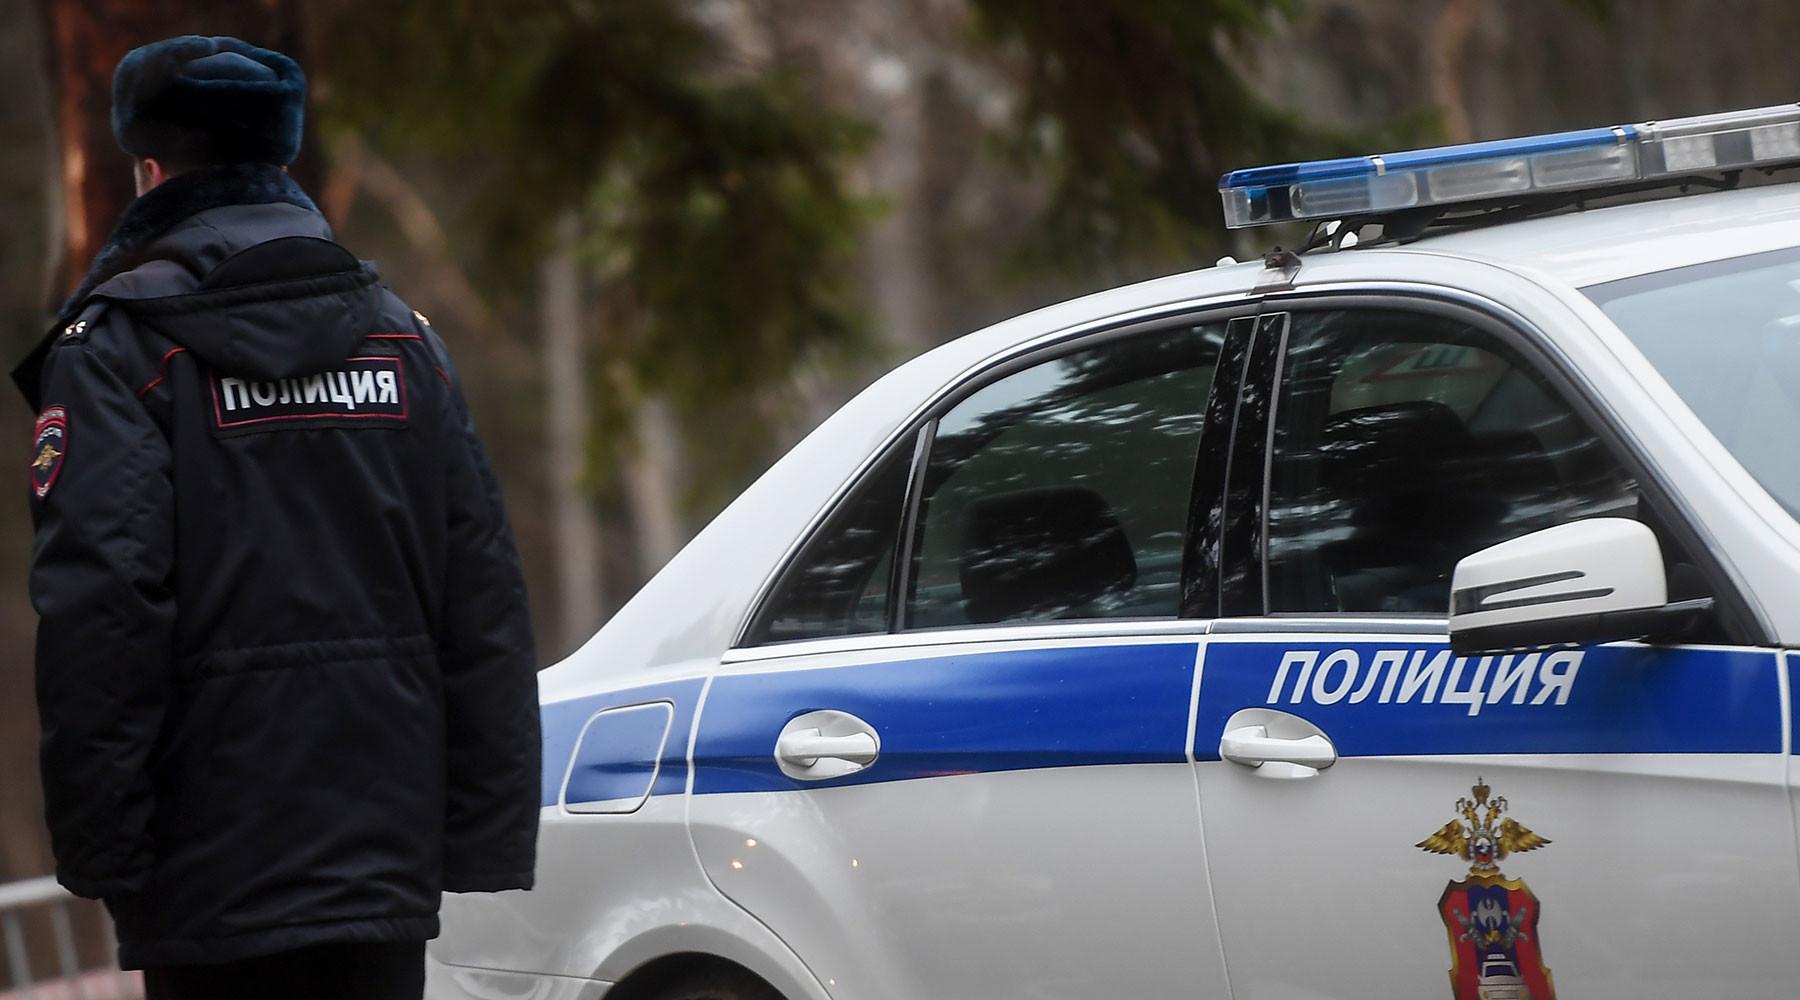 Появились подробности рабского заключения мужчины в деревне Тверской области